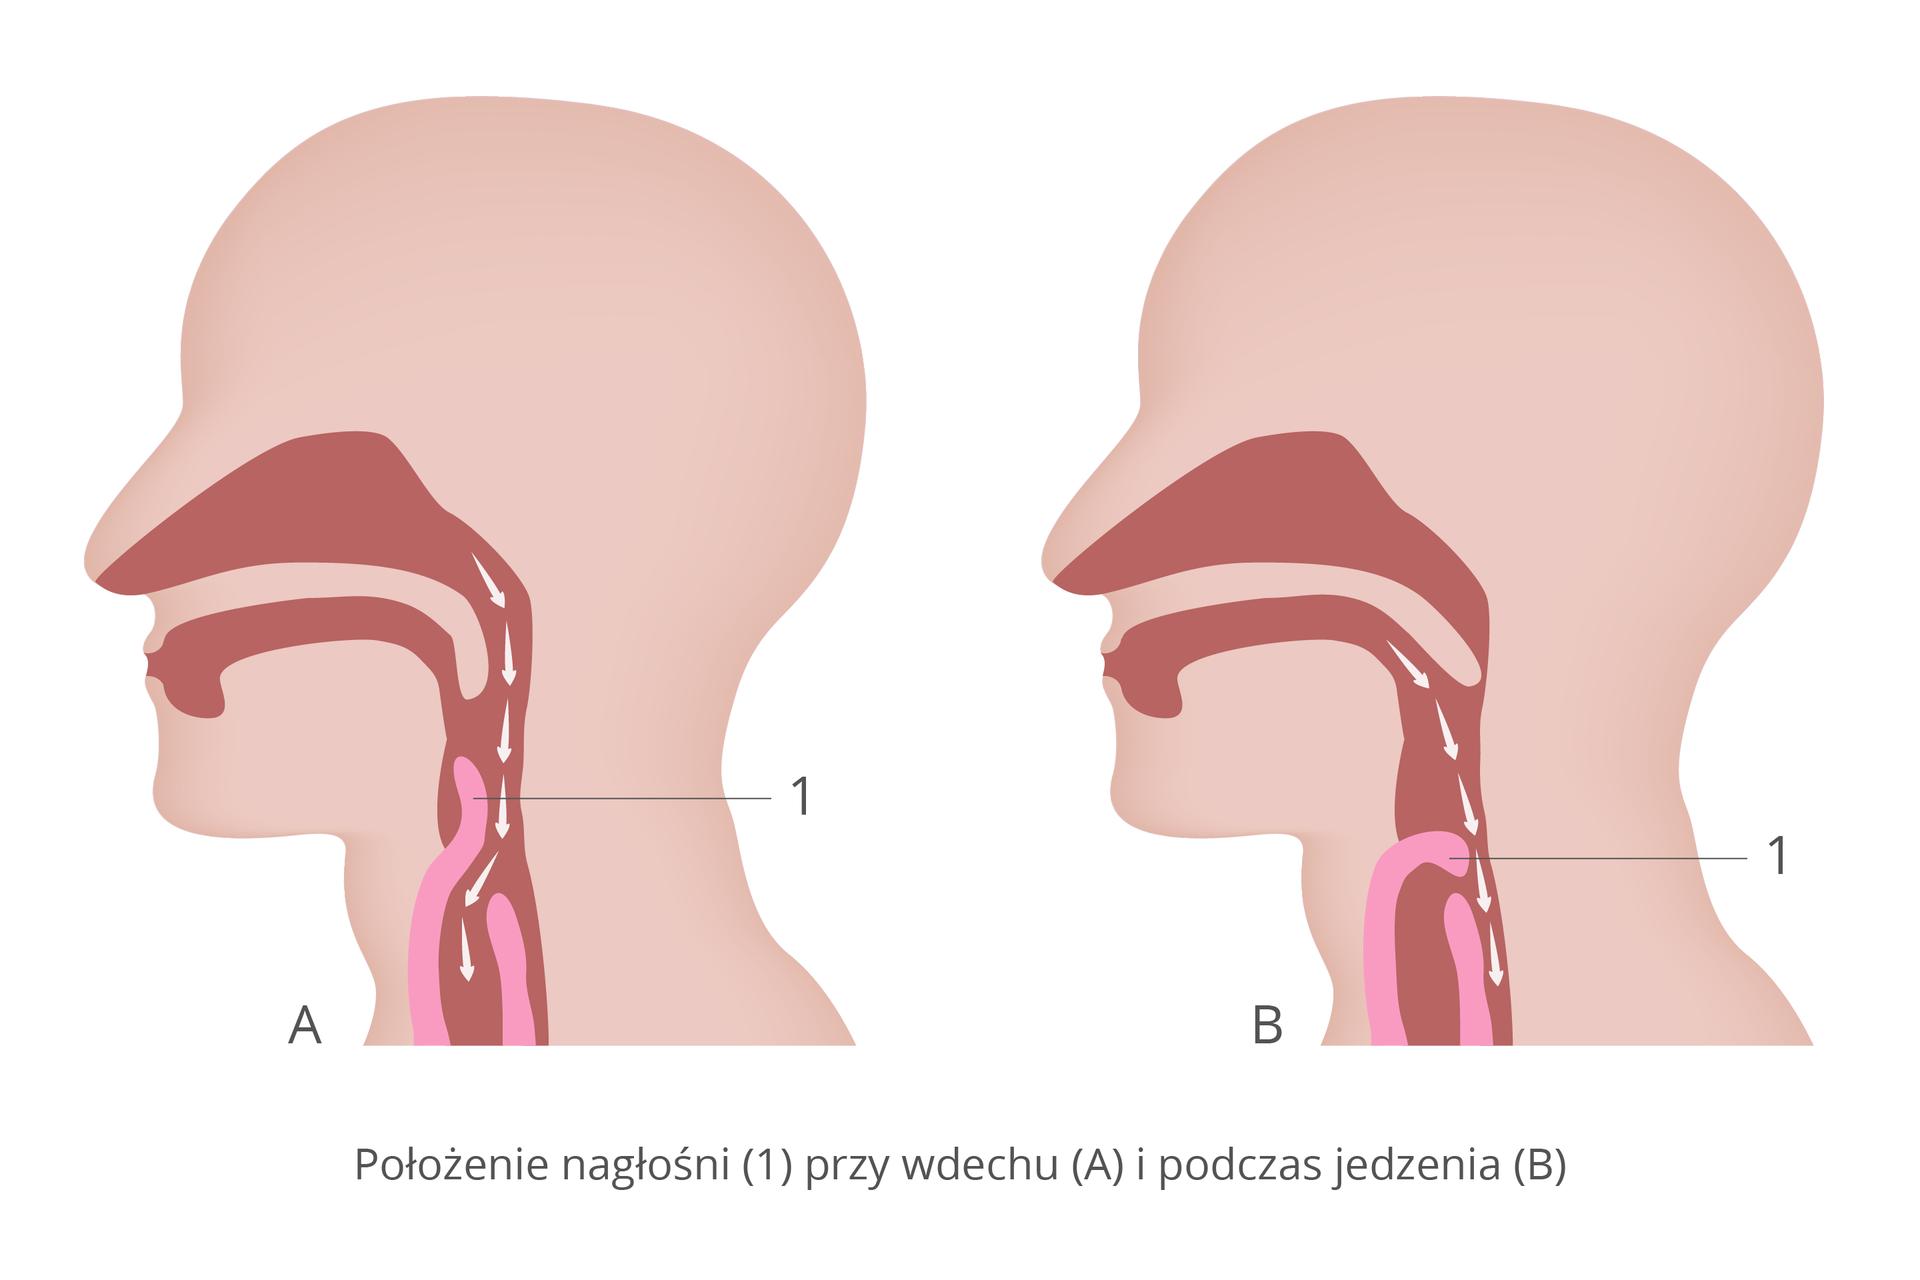 Ilustracja przedstawia zprofilu dwie sylwetki głowy człowieka. Wrysowano ciemnoróżowe drogi oddechowe zjasnoróżową nagłośnią, opisaną cyfrą jeden. Po lewej sytuacja przy wdechu: nagłośnia uniesiona do góry, powietrze (strzałki) wchodzi do dróg oddechowych. Zprawej sytuacja przy przełykaniu: nagłośnia opuszczona, drogi oddechowe zamknięte. Pokarm przechodzi do przełyku.